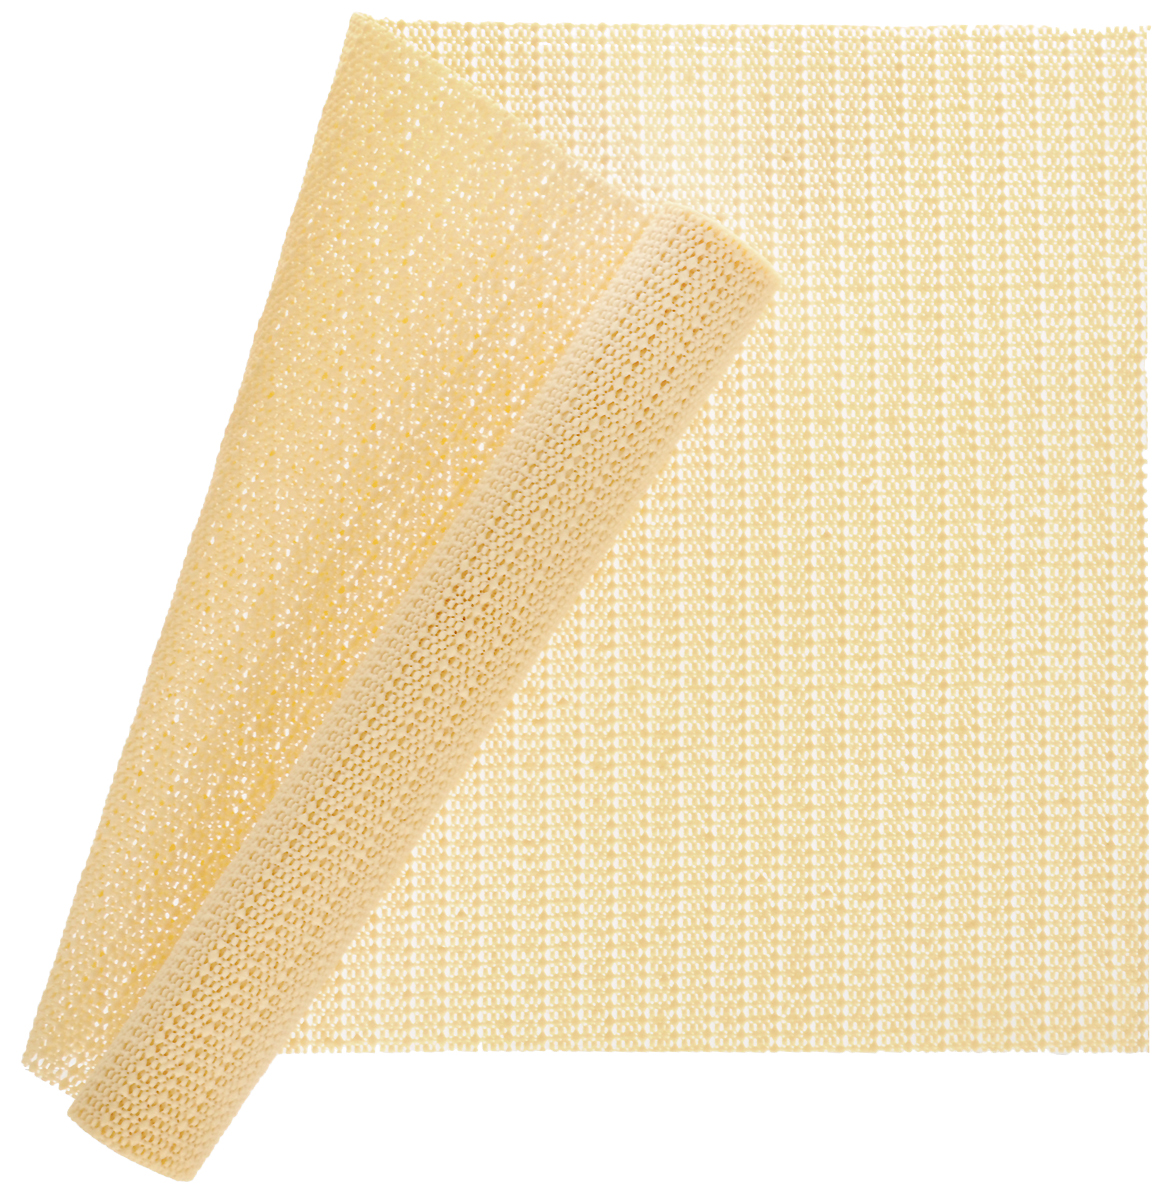 Коврик в холодильник Мультидом, цвет: желтый, 30 x 120 смFJ87-85Коврик в холодильник Мультидом в рулоне изготовлен из вспененного поливинилхлорида (ПВХ)пористой структуры, обладающий противоскользящими, абсорбирующими влагу иантиклеющимися к любым поверхностям свойствами.Из ПВХ коврика в рулоне можно вырезать салфетку необходимого вам размера дляиспользования на полках, выдвижных ящиках, столешницах кухонной мебели и в местах сушкипосуды. ПВХ салфетка защищает поверхность мебели от повреждений, загрязнений, а такжевпитывает воду.Возможно применение салфеток ПВХ в ванных комнатах, прихожих, гостиных и спальнях. Такжесалфетки ПВХ удобны для использования в офисах и дома при работе с оргтехникой иканцелярскими принадлежностями.Размер 30 х 120 см.Предупреждение! Нельзя ставить на салфетку горячие предметы.